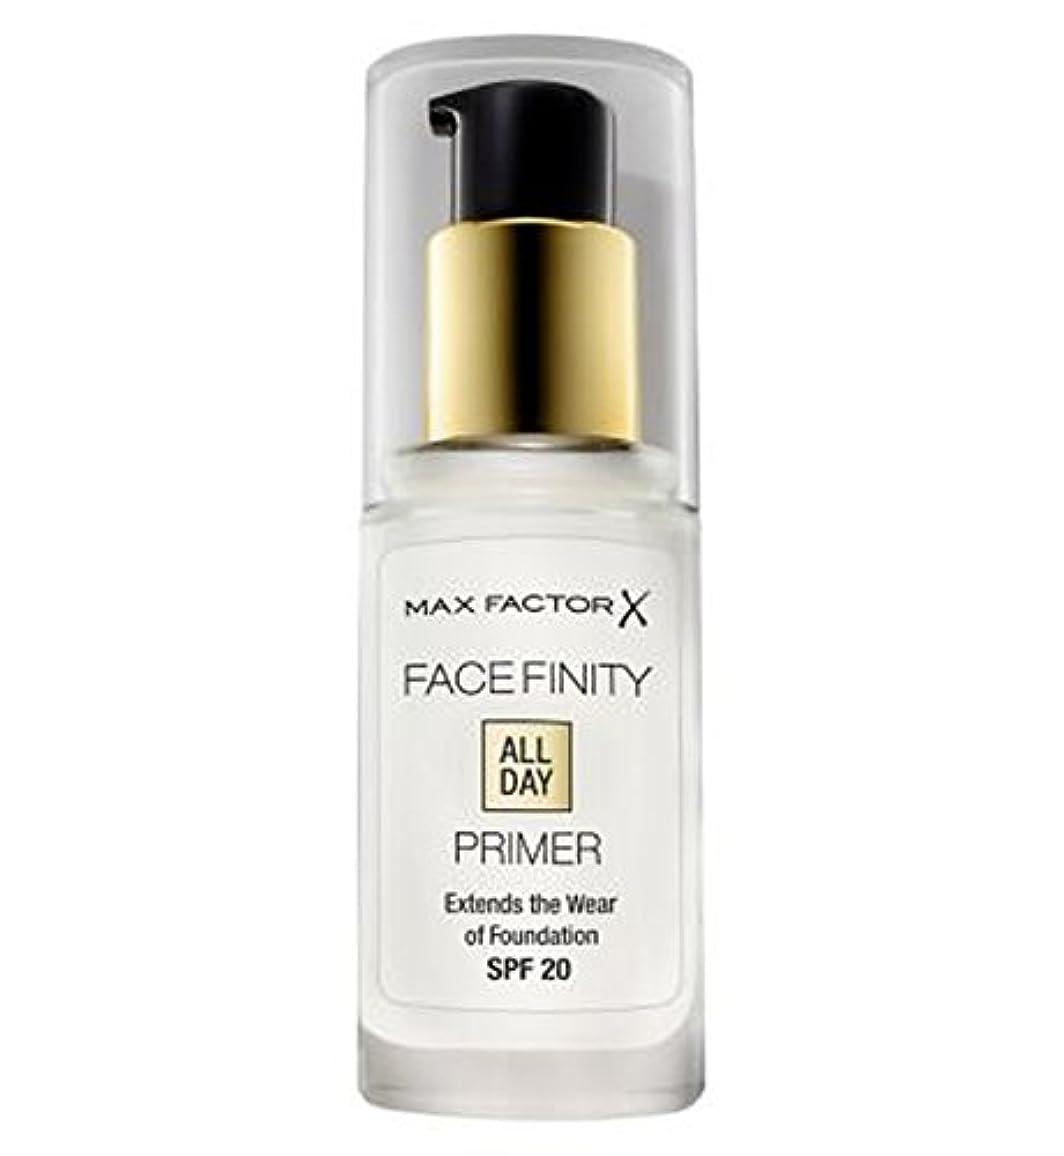 メジャー整然とした種をまくMax Factor Facefinity All Day Primer - マックスファクターのFacefinity終日プライマー (Max Factor) [並行輸入品]